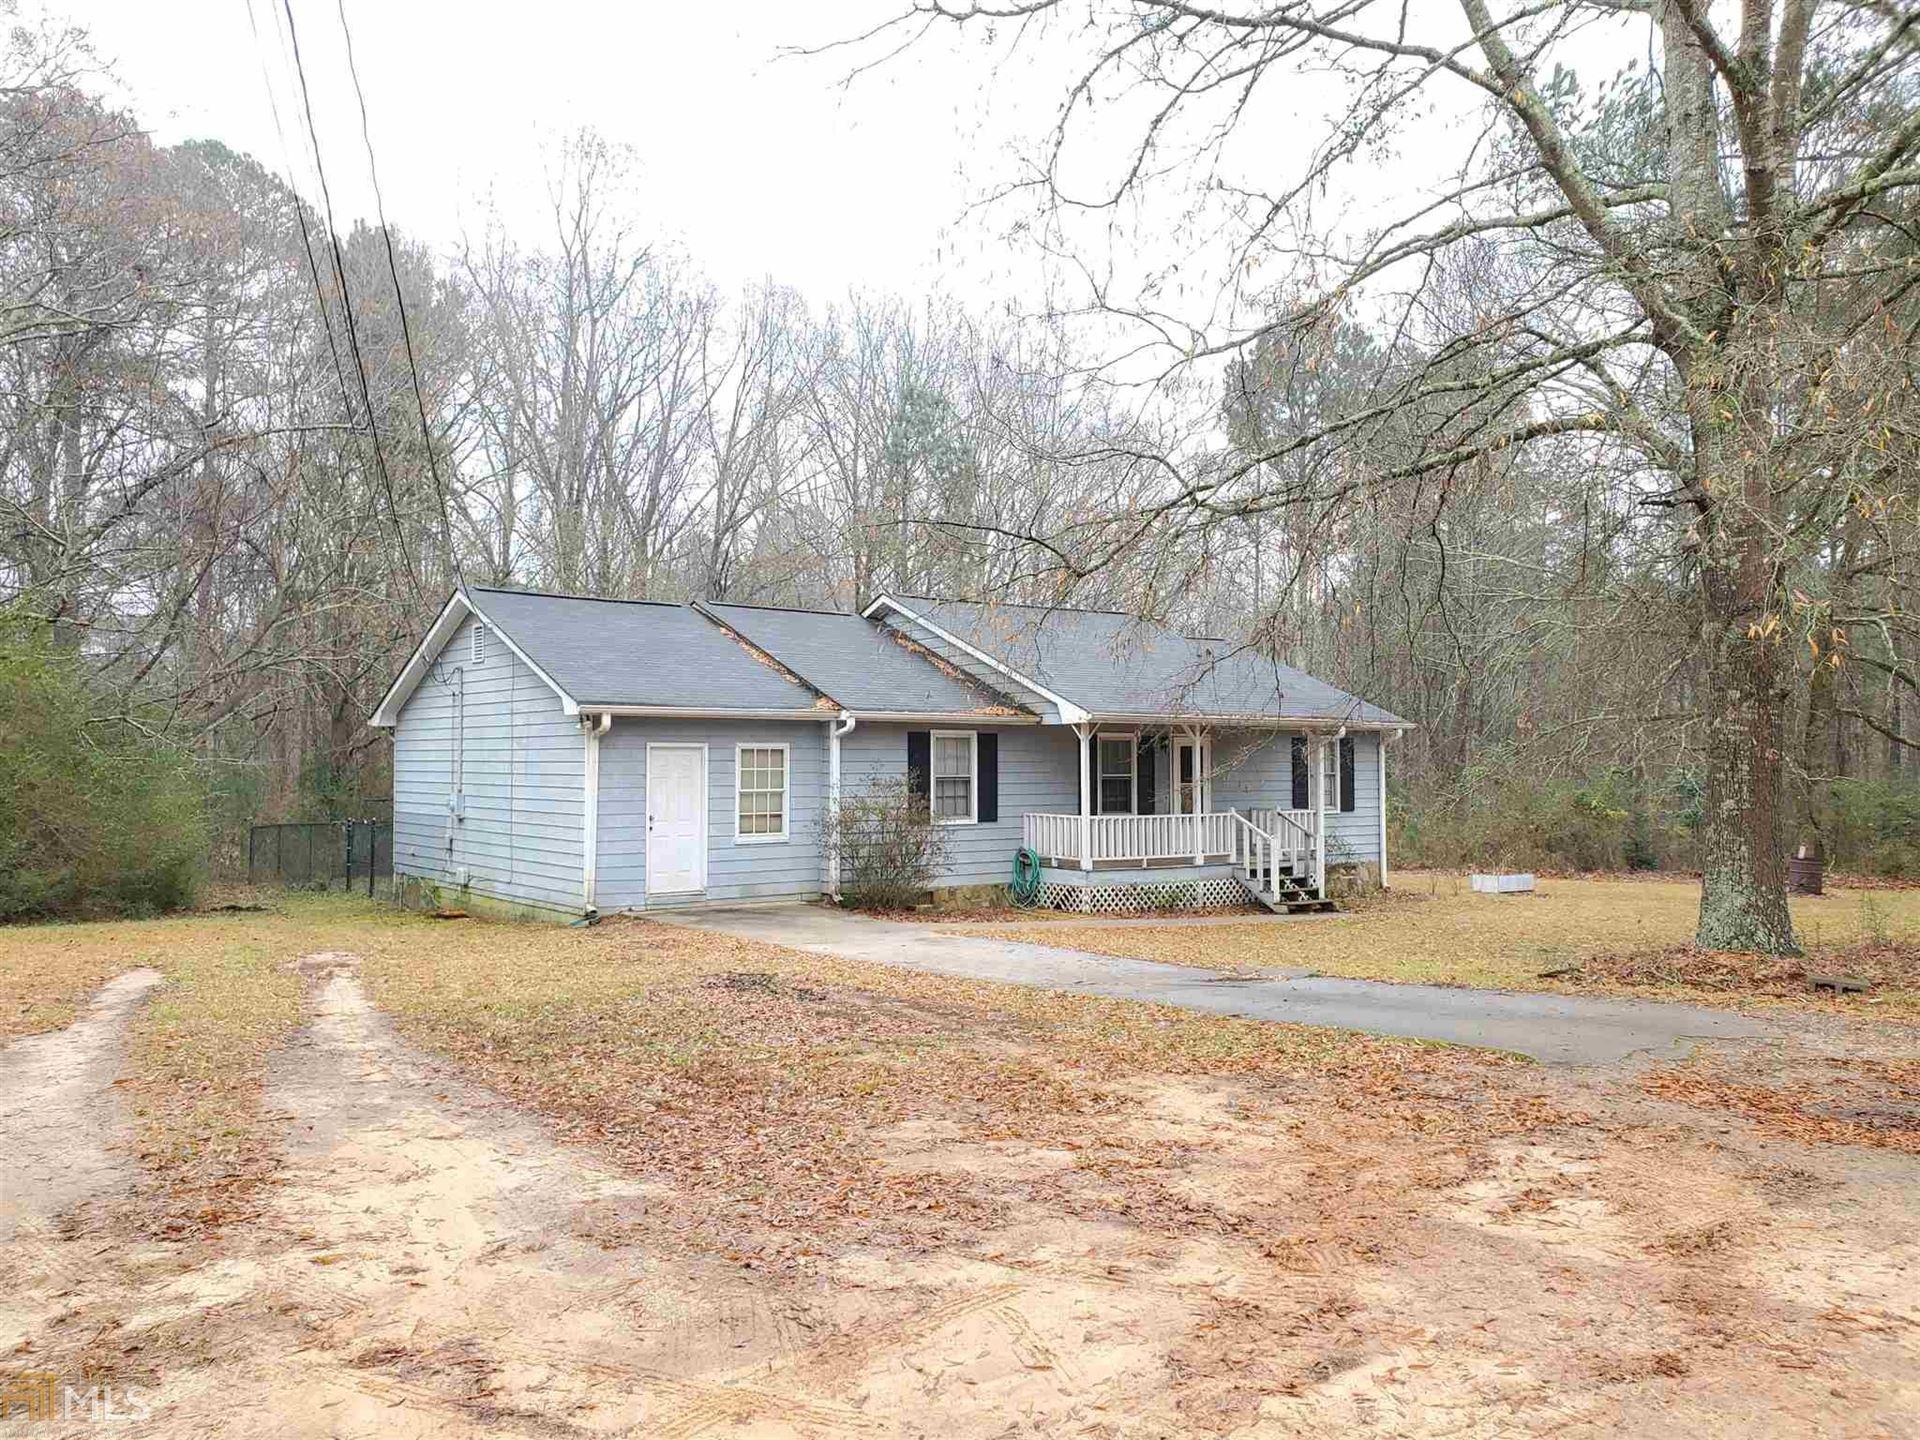 3311 Noahs Ark Rd, Jonesboro, GA 30236 - MLS#: 8915400